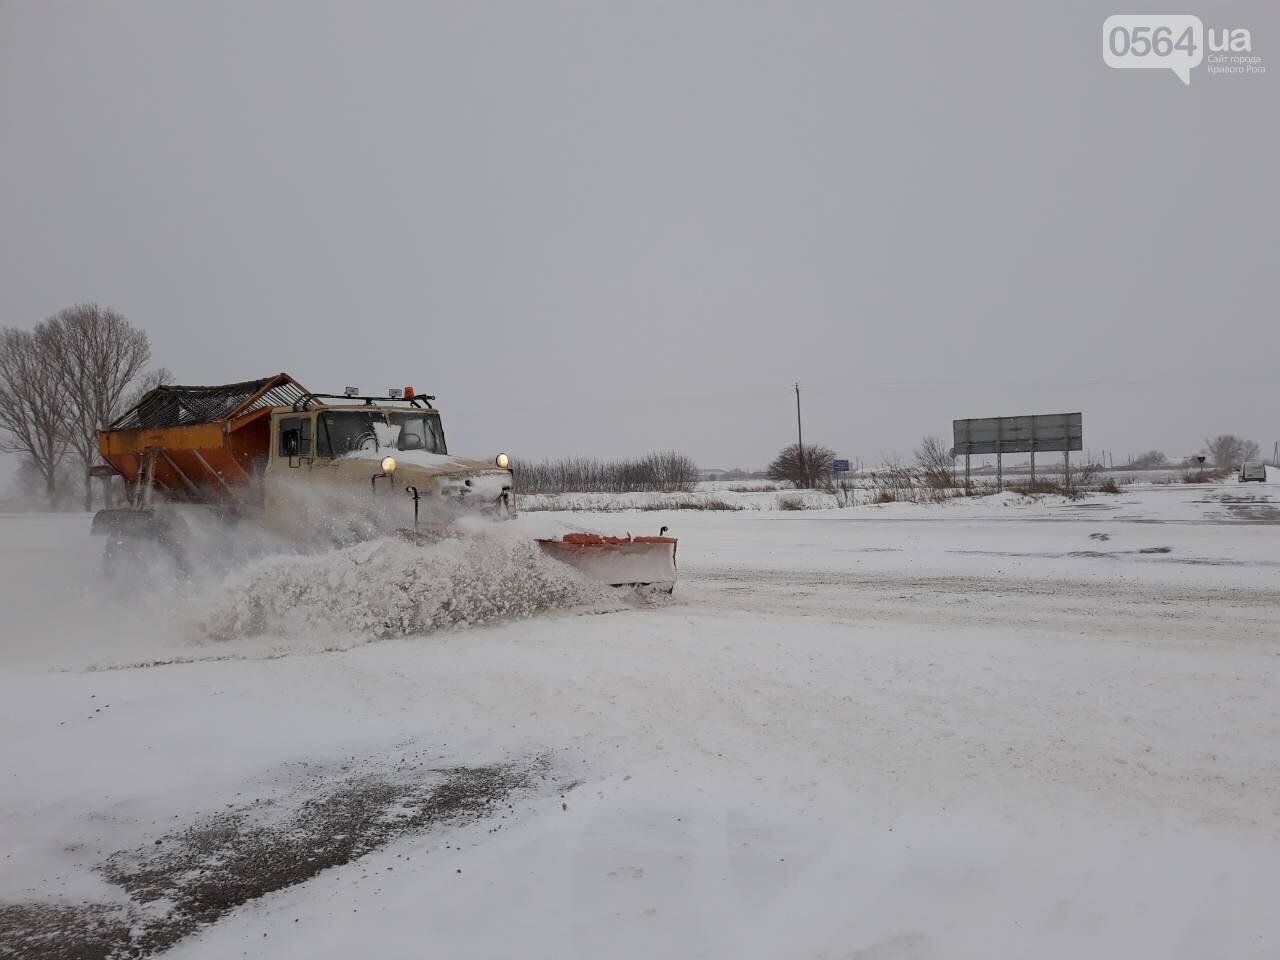 САД: Проезд по автодорогам Днепропетровщины обеспечен. Но снег усилился (ФОТО), фото-1